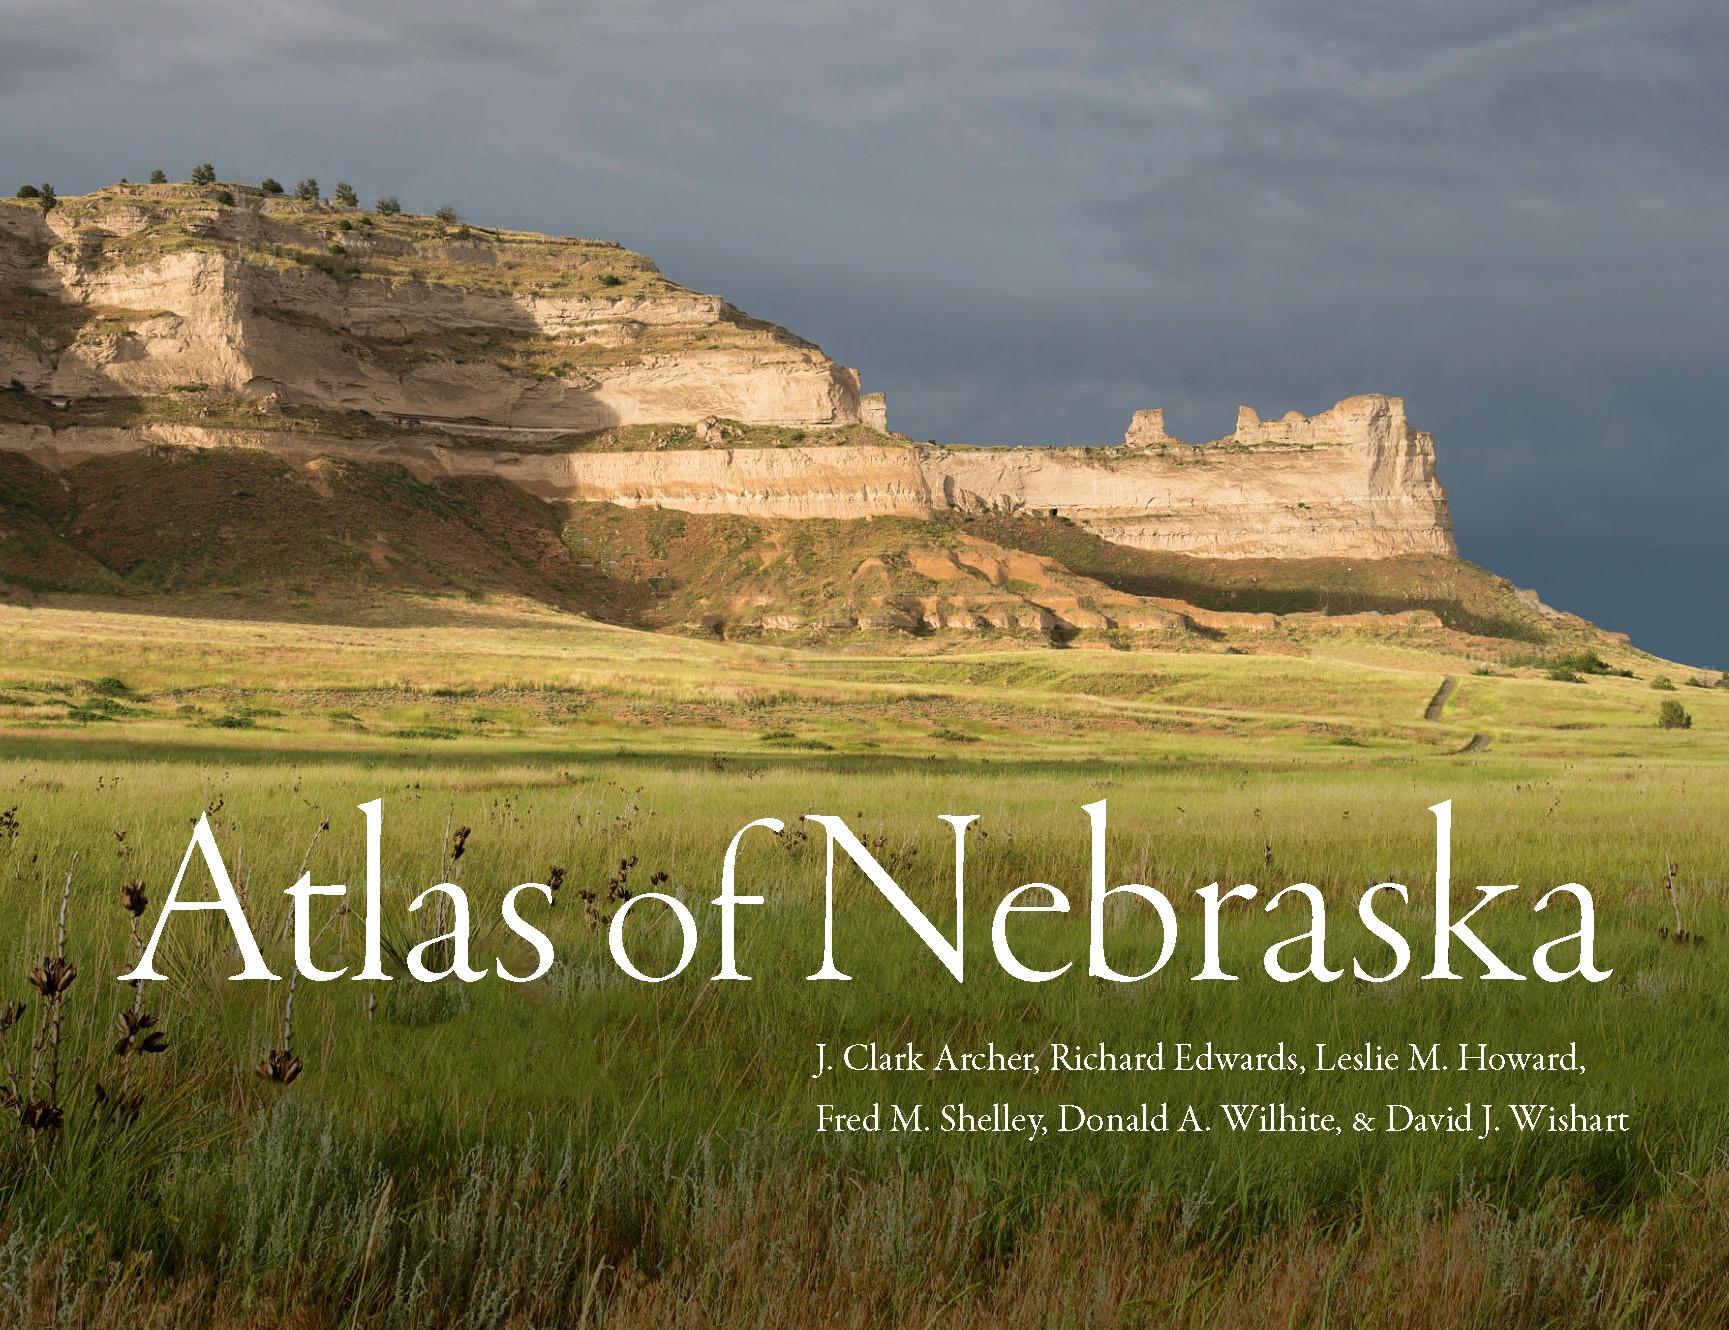 Atlas of Nebraska (MP-156)